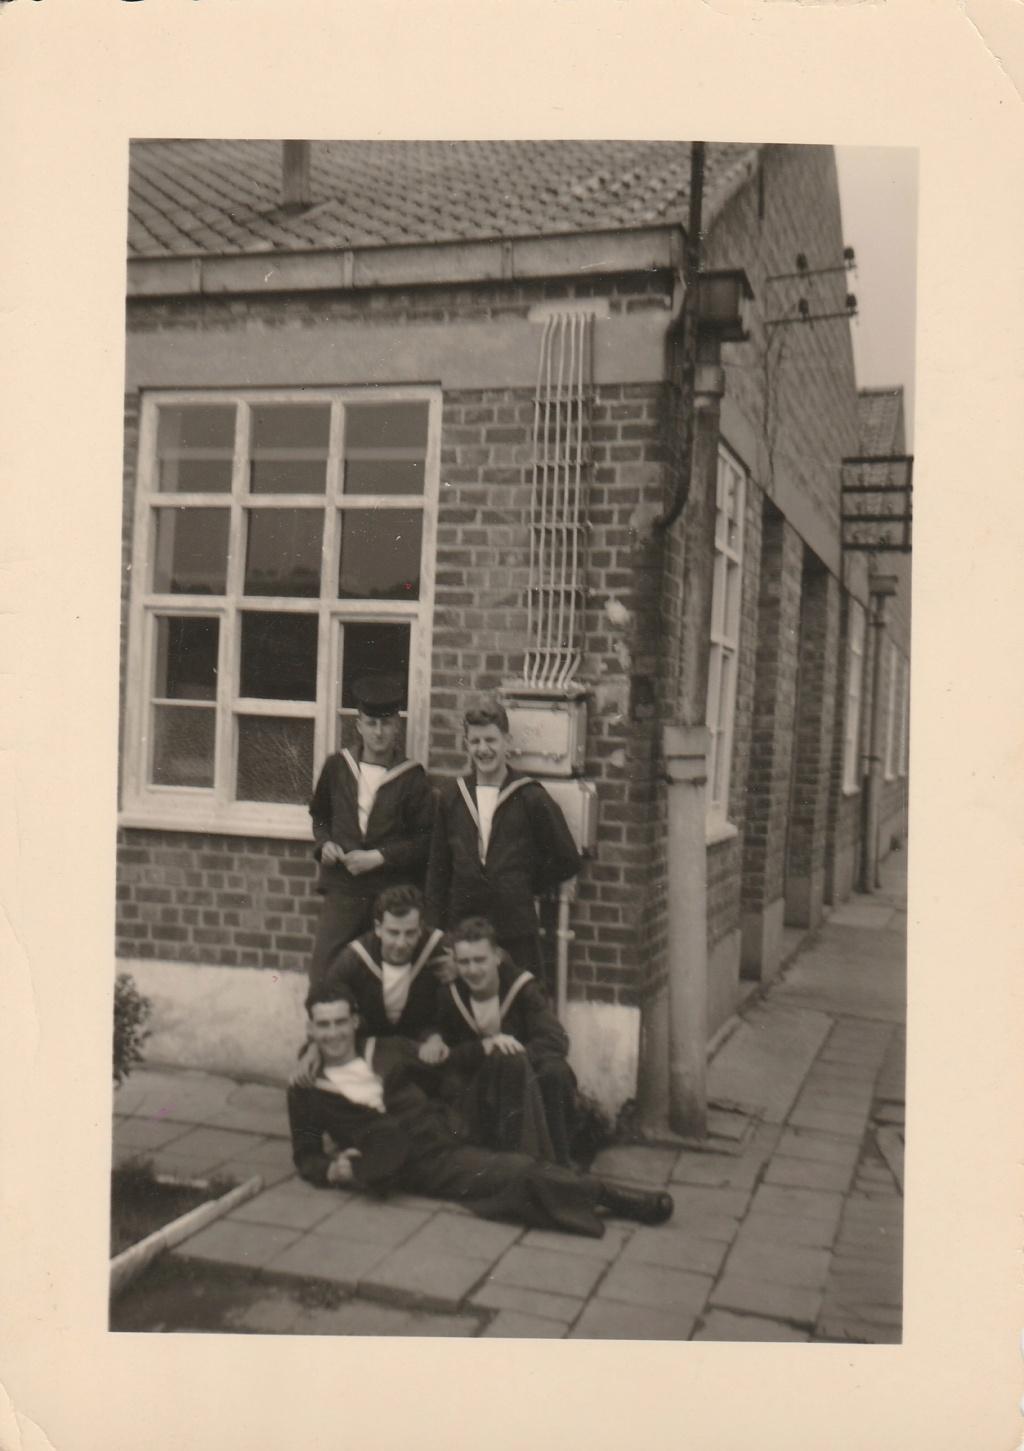 Sint-Kruis dans les années 50...   - Page 3 D1afc410